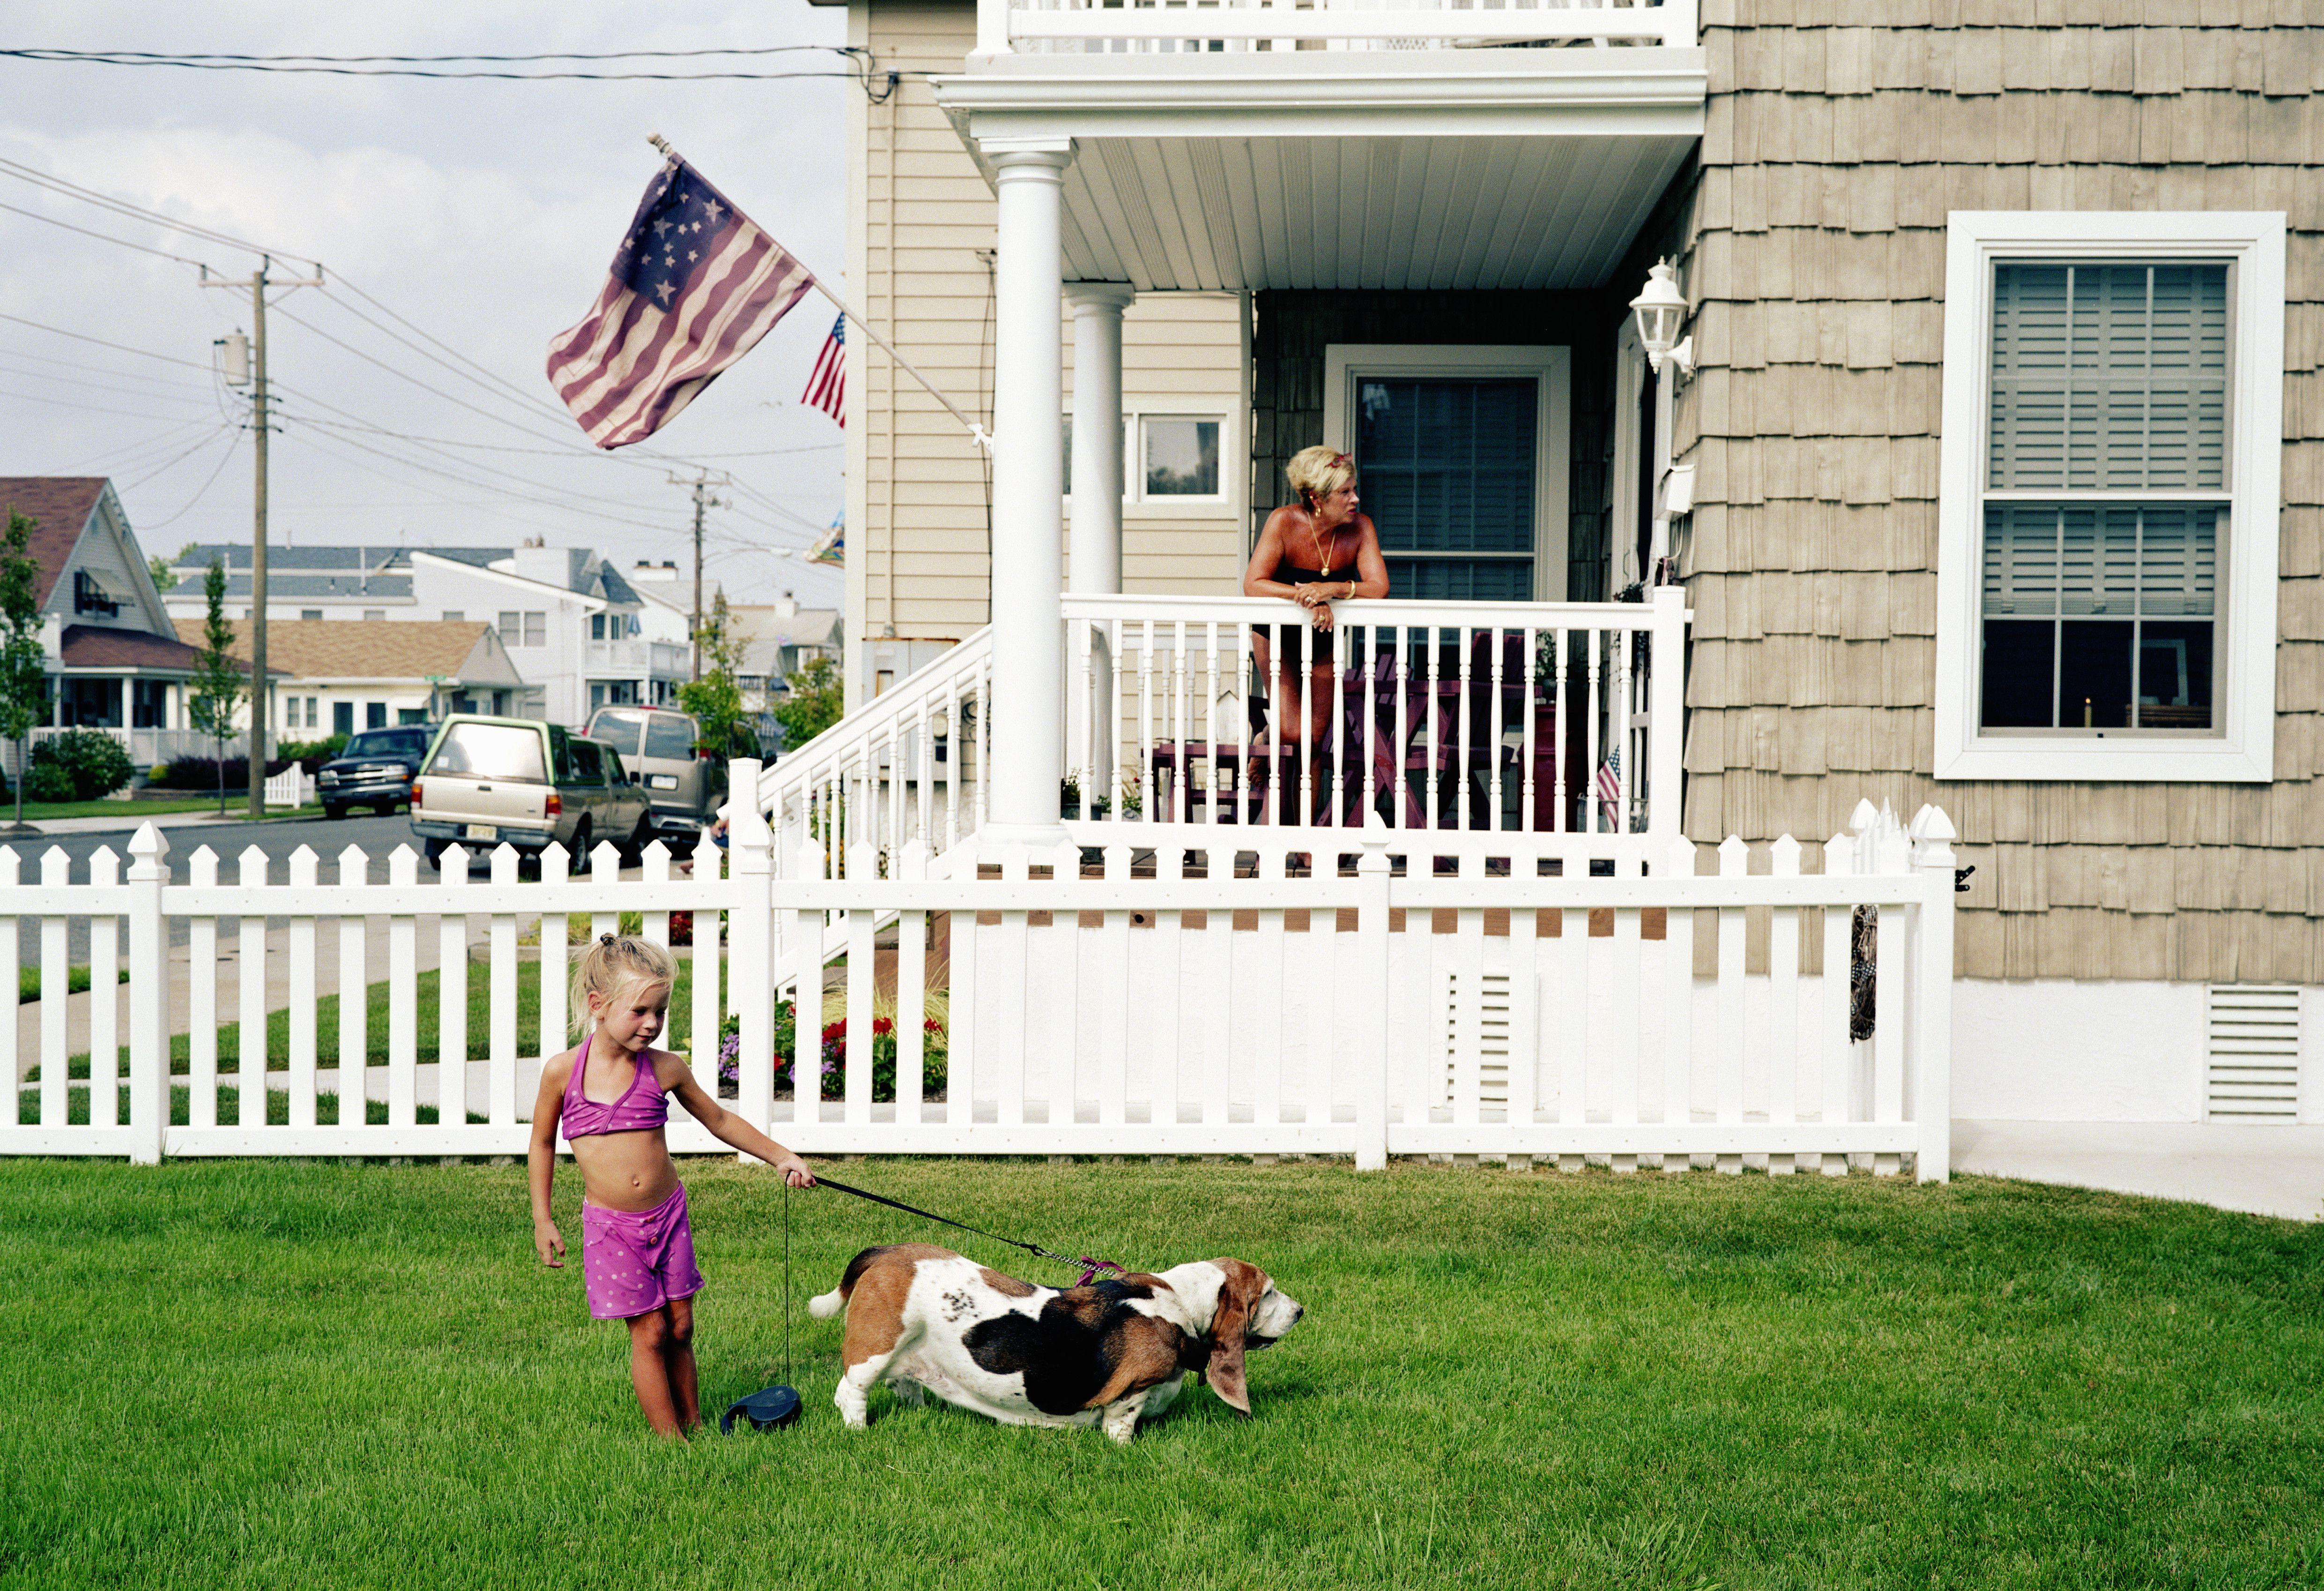 Niña con perro delante de su casa. Bandera americana ondeando